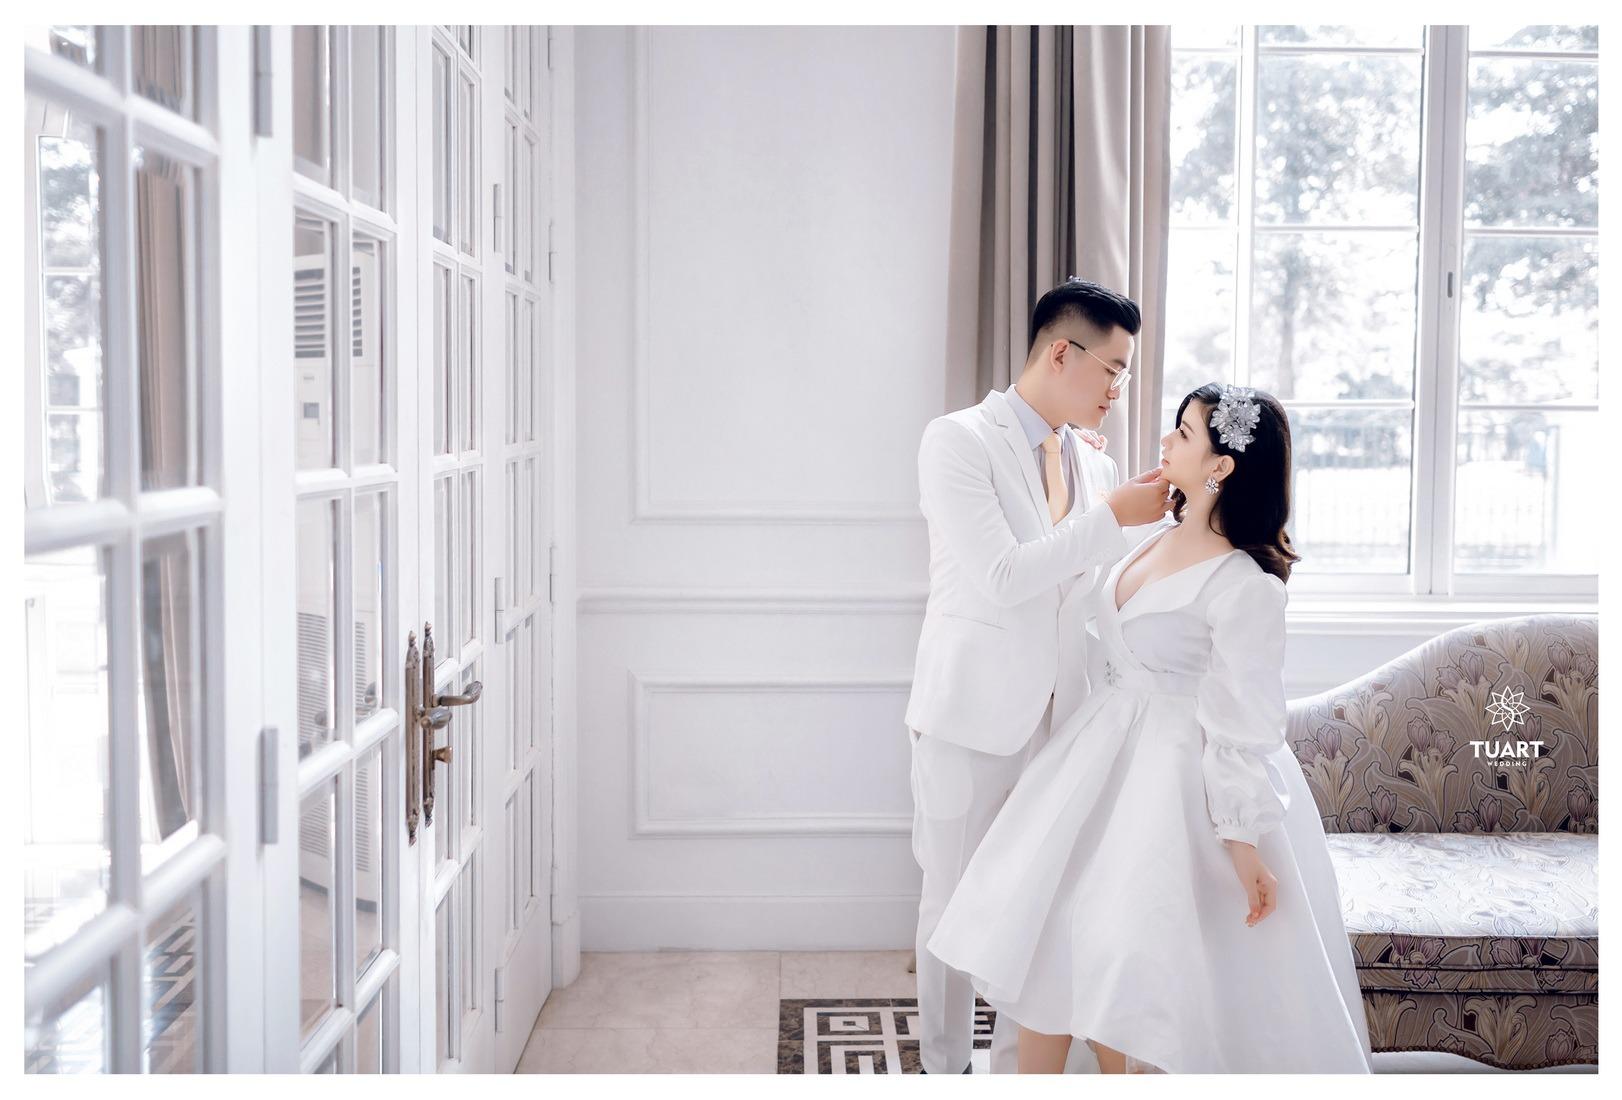 Album tại TuArt - Album chụp ảnh cưới đẹp phong cách Hàn Quốc 47